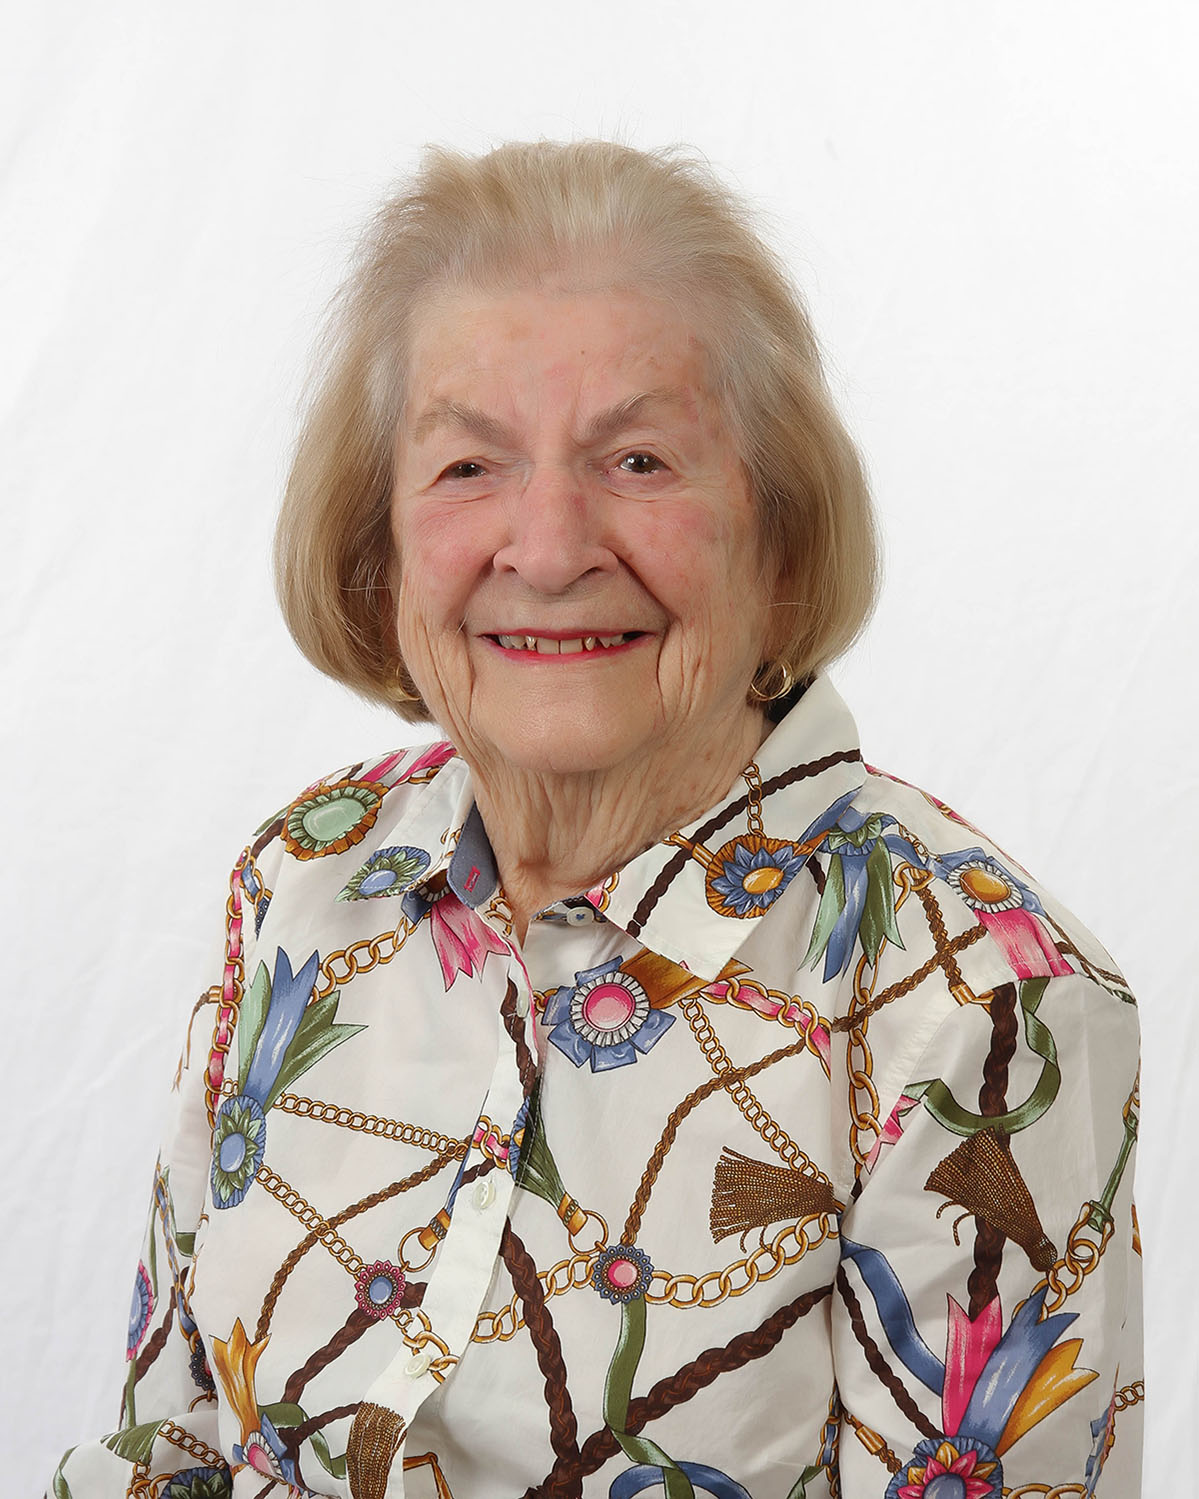 Wanda Fishburn